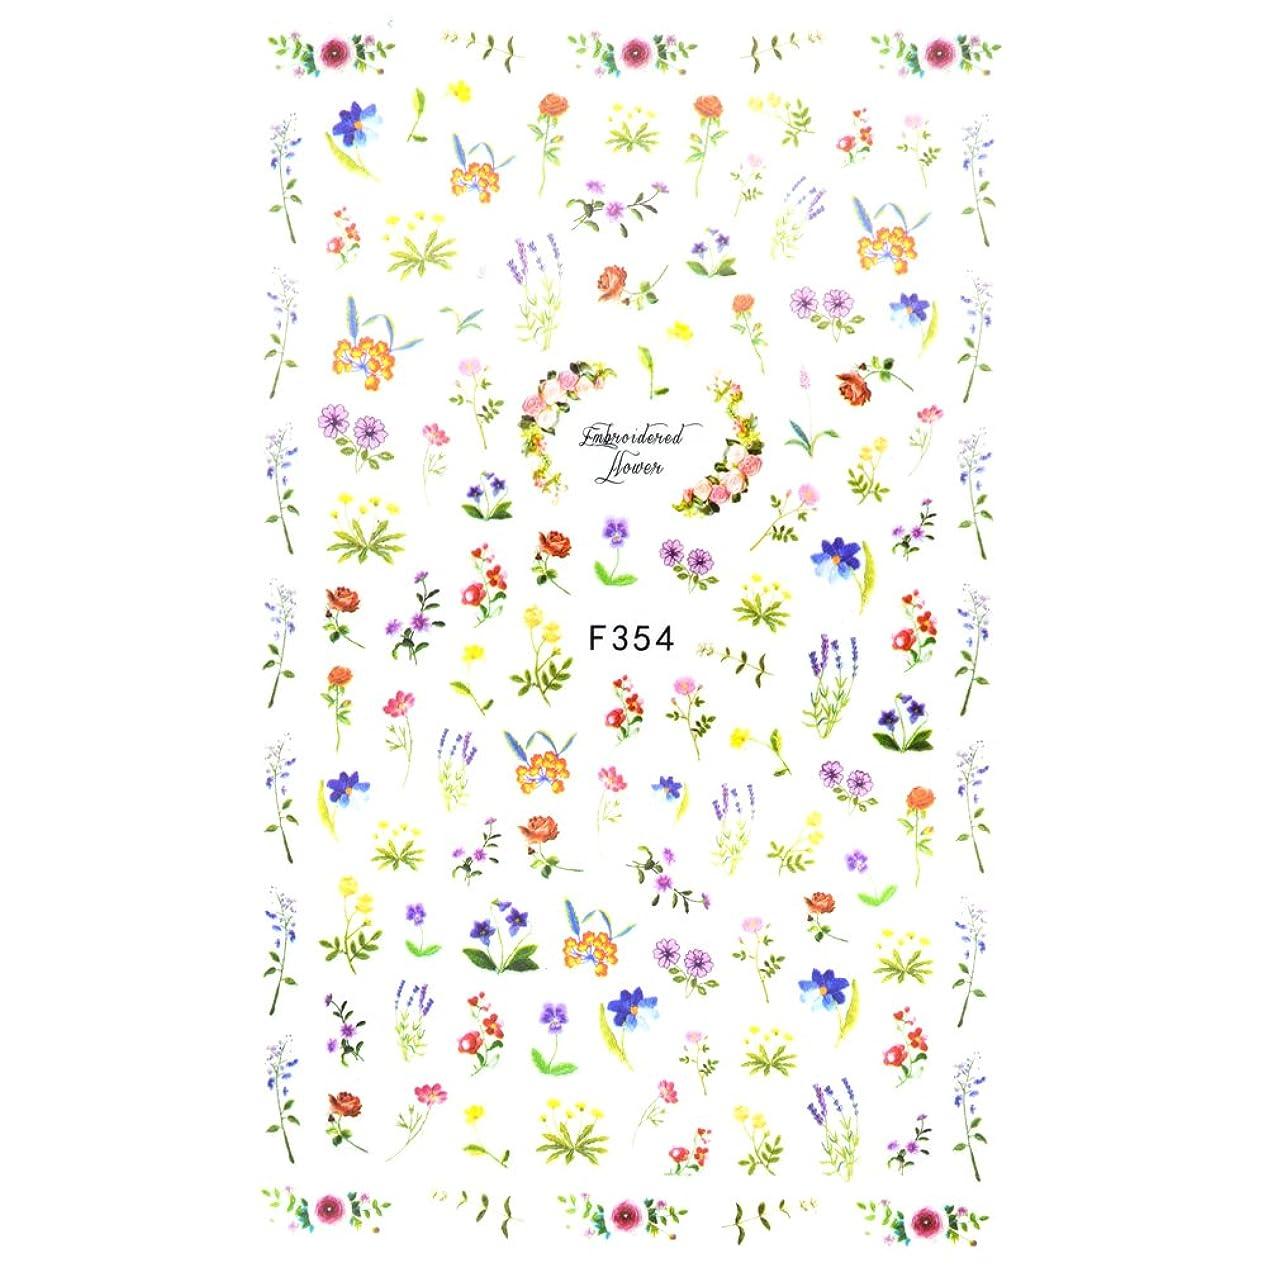 快い年齢課す【F354】 フラワーベッドシール ネイルシール ジェルネイル ネイル レジン マニキュア セルフネイル 花 フラワー